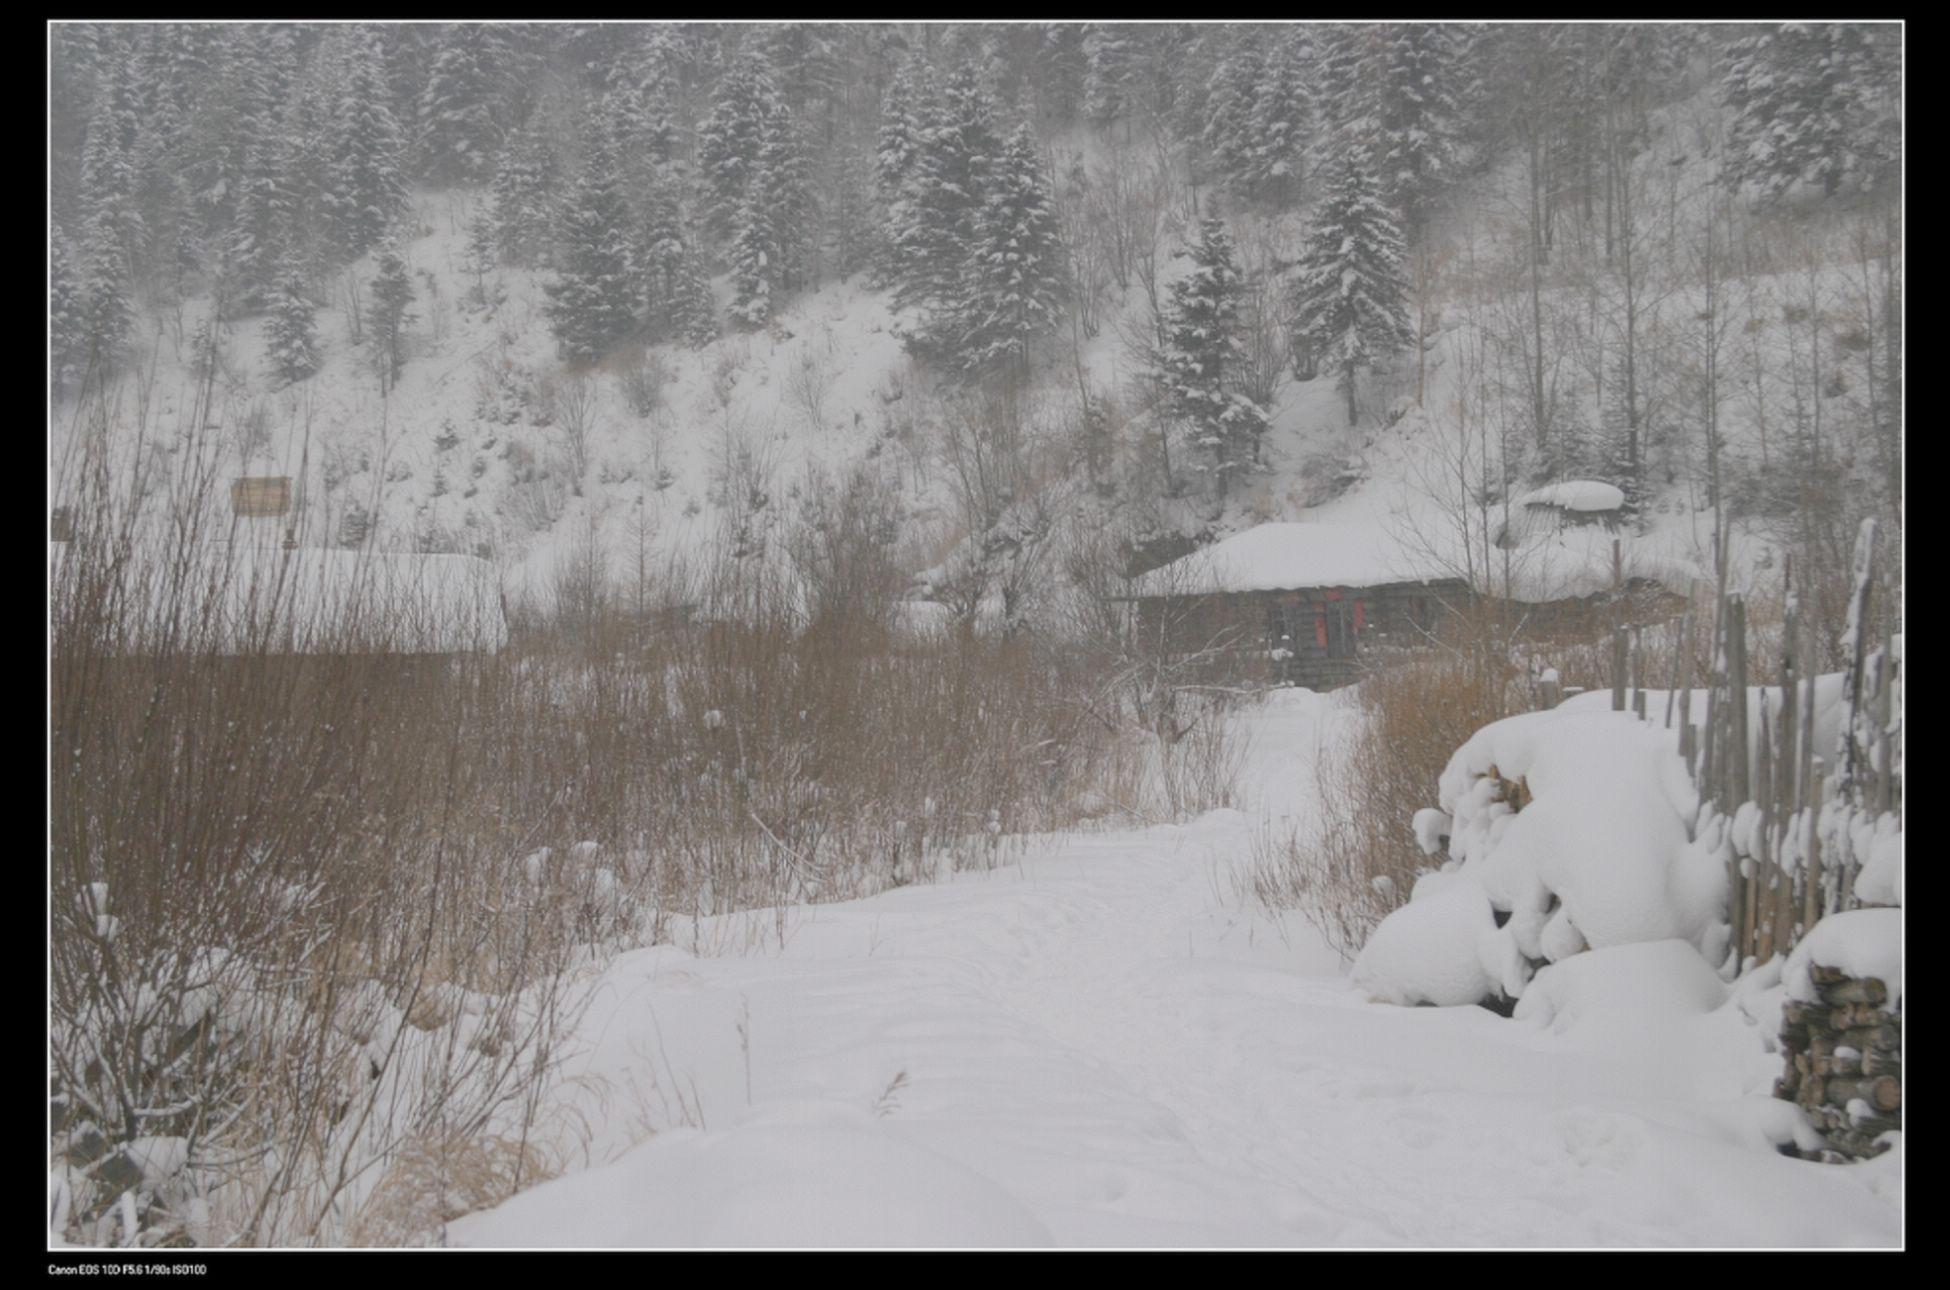 有雪的冬天真美! - 深圳房地产信息网论坛